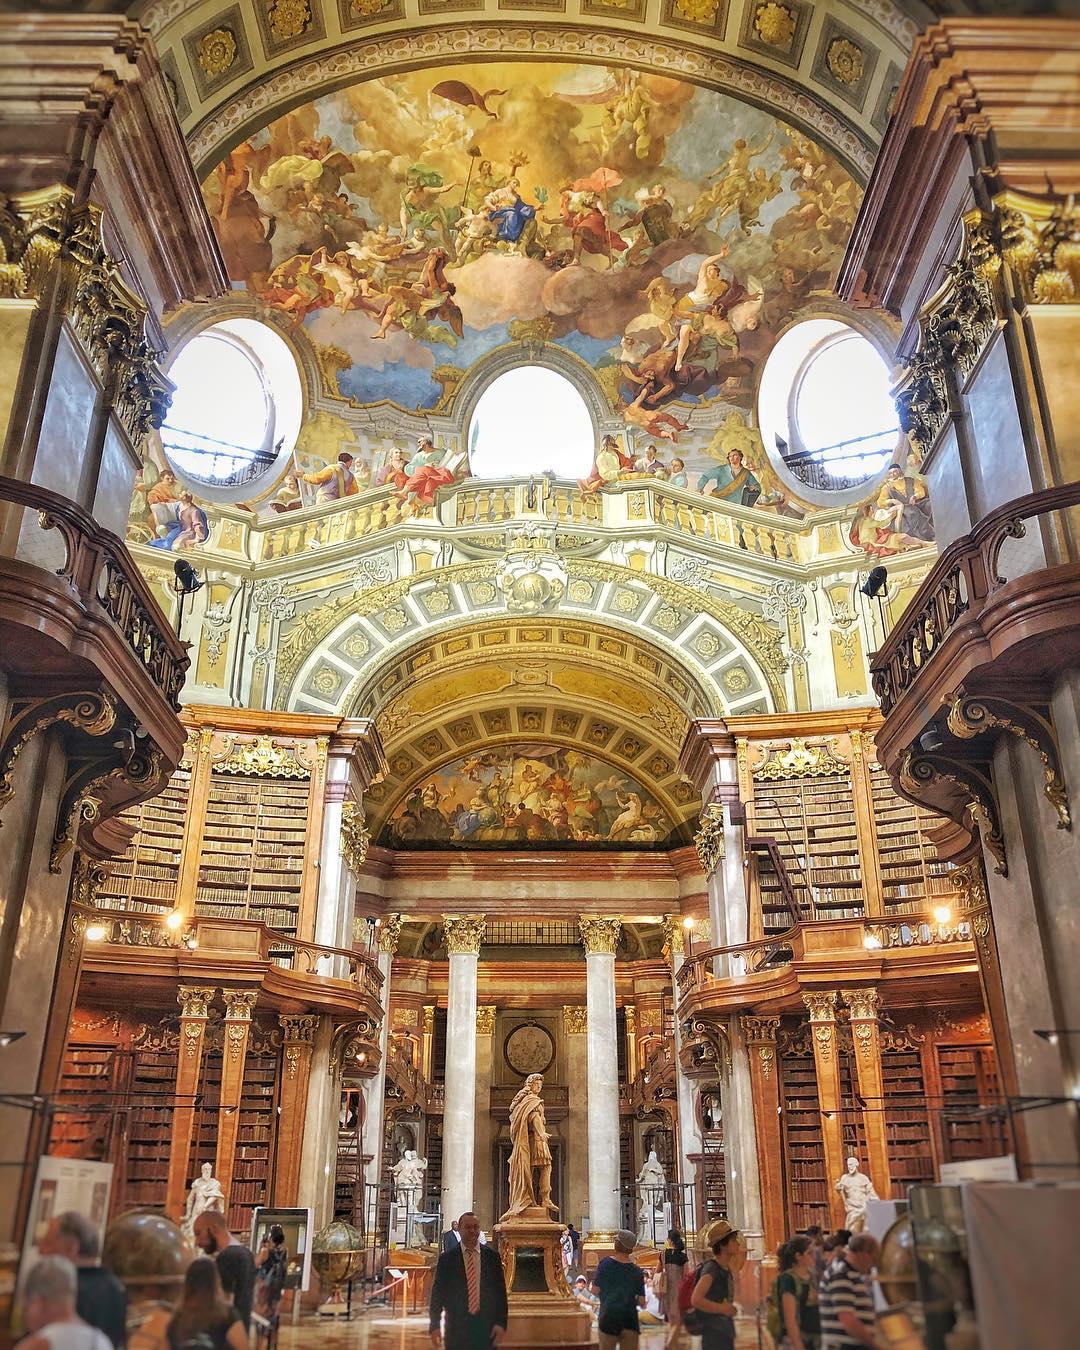 المكتبة الوطنية النمساوية - اهم الاماكن السياحية في فيينا